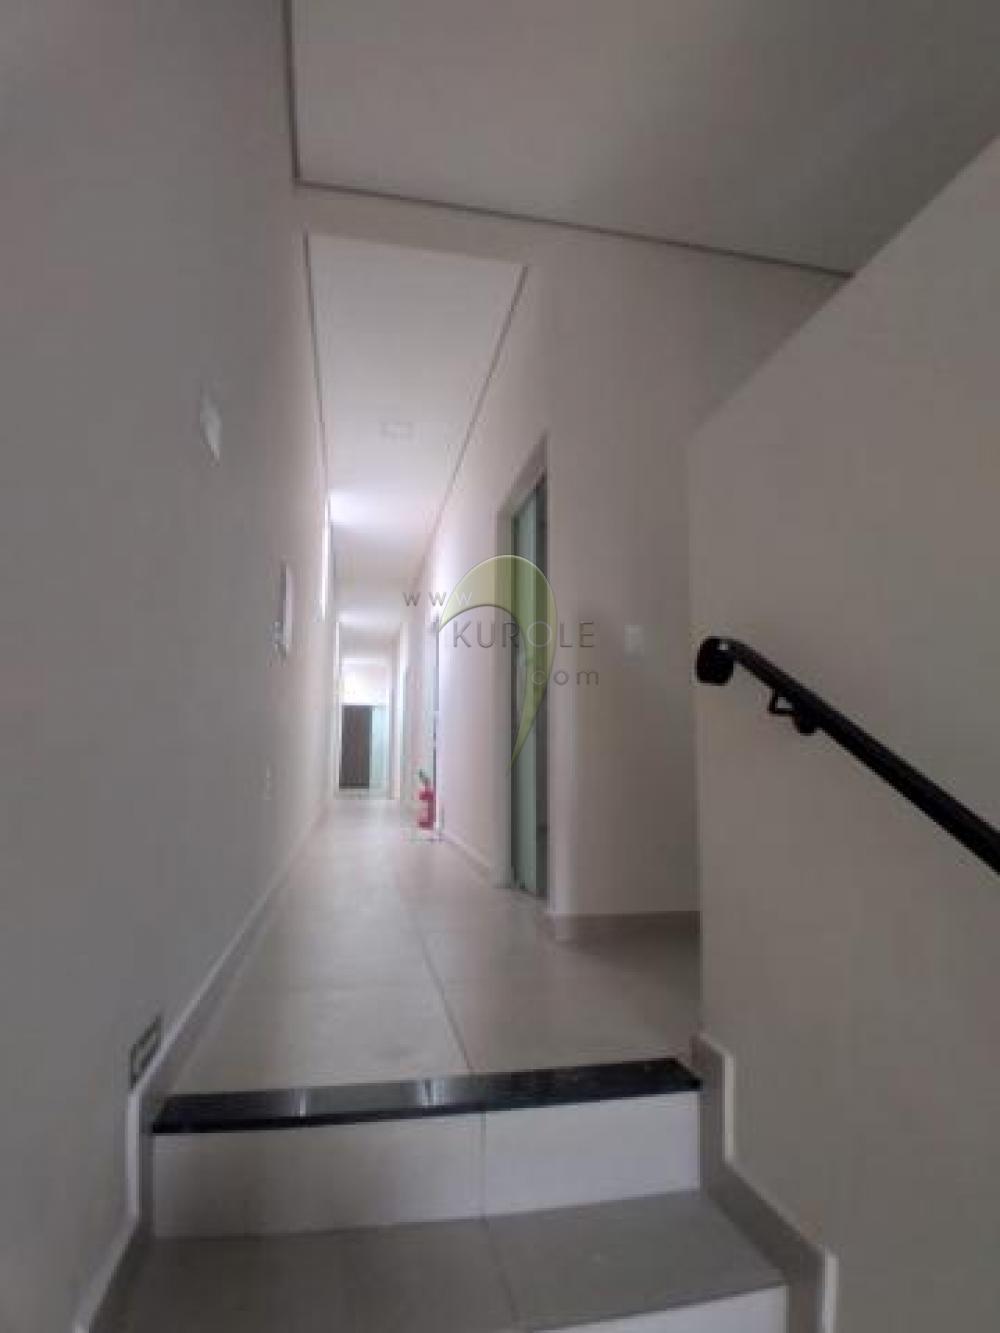 alt='Comprar Apartamento / Cobertura em Pradópolis R$ 150.000,00 - Foto 4' title='Comprar Apartamento / Cobertura em Pradópolis R$ 150.000,00 - Foto 4'